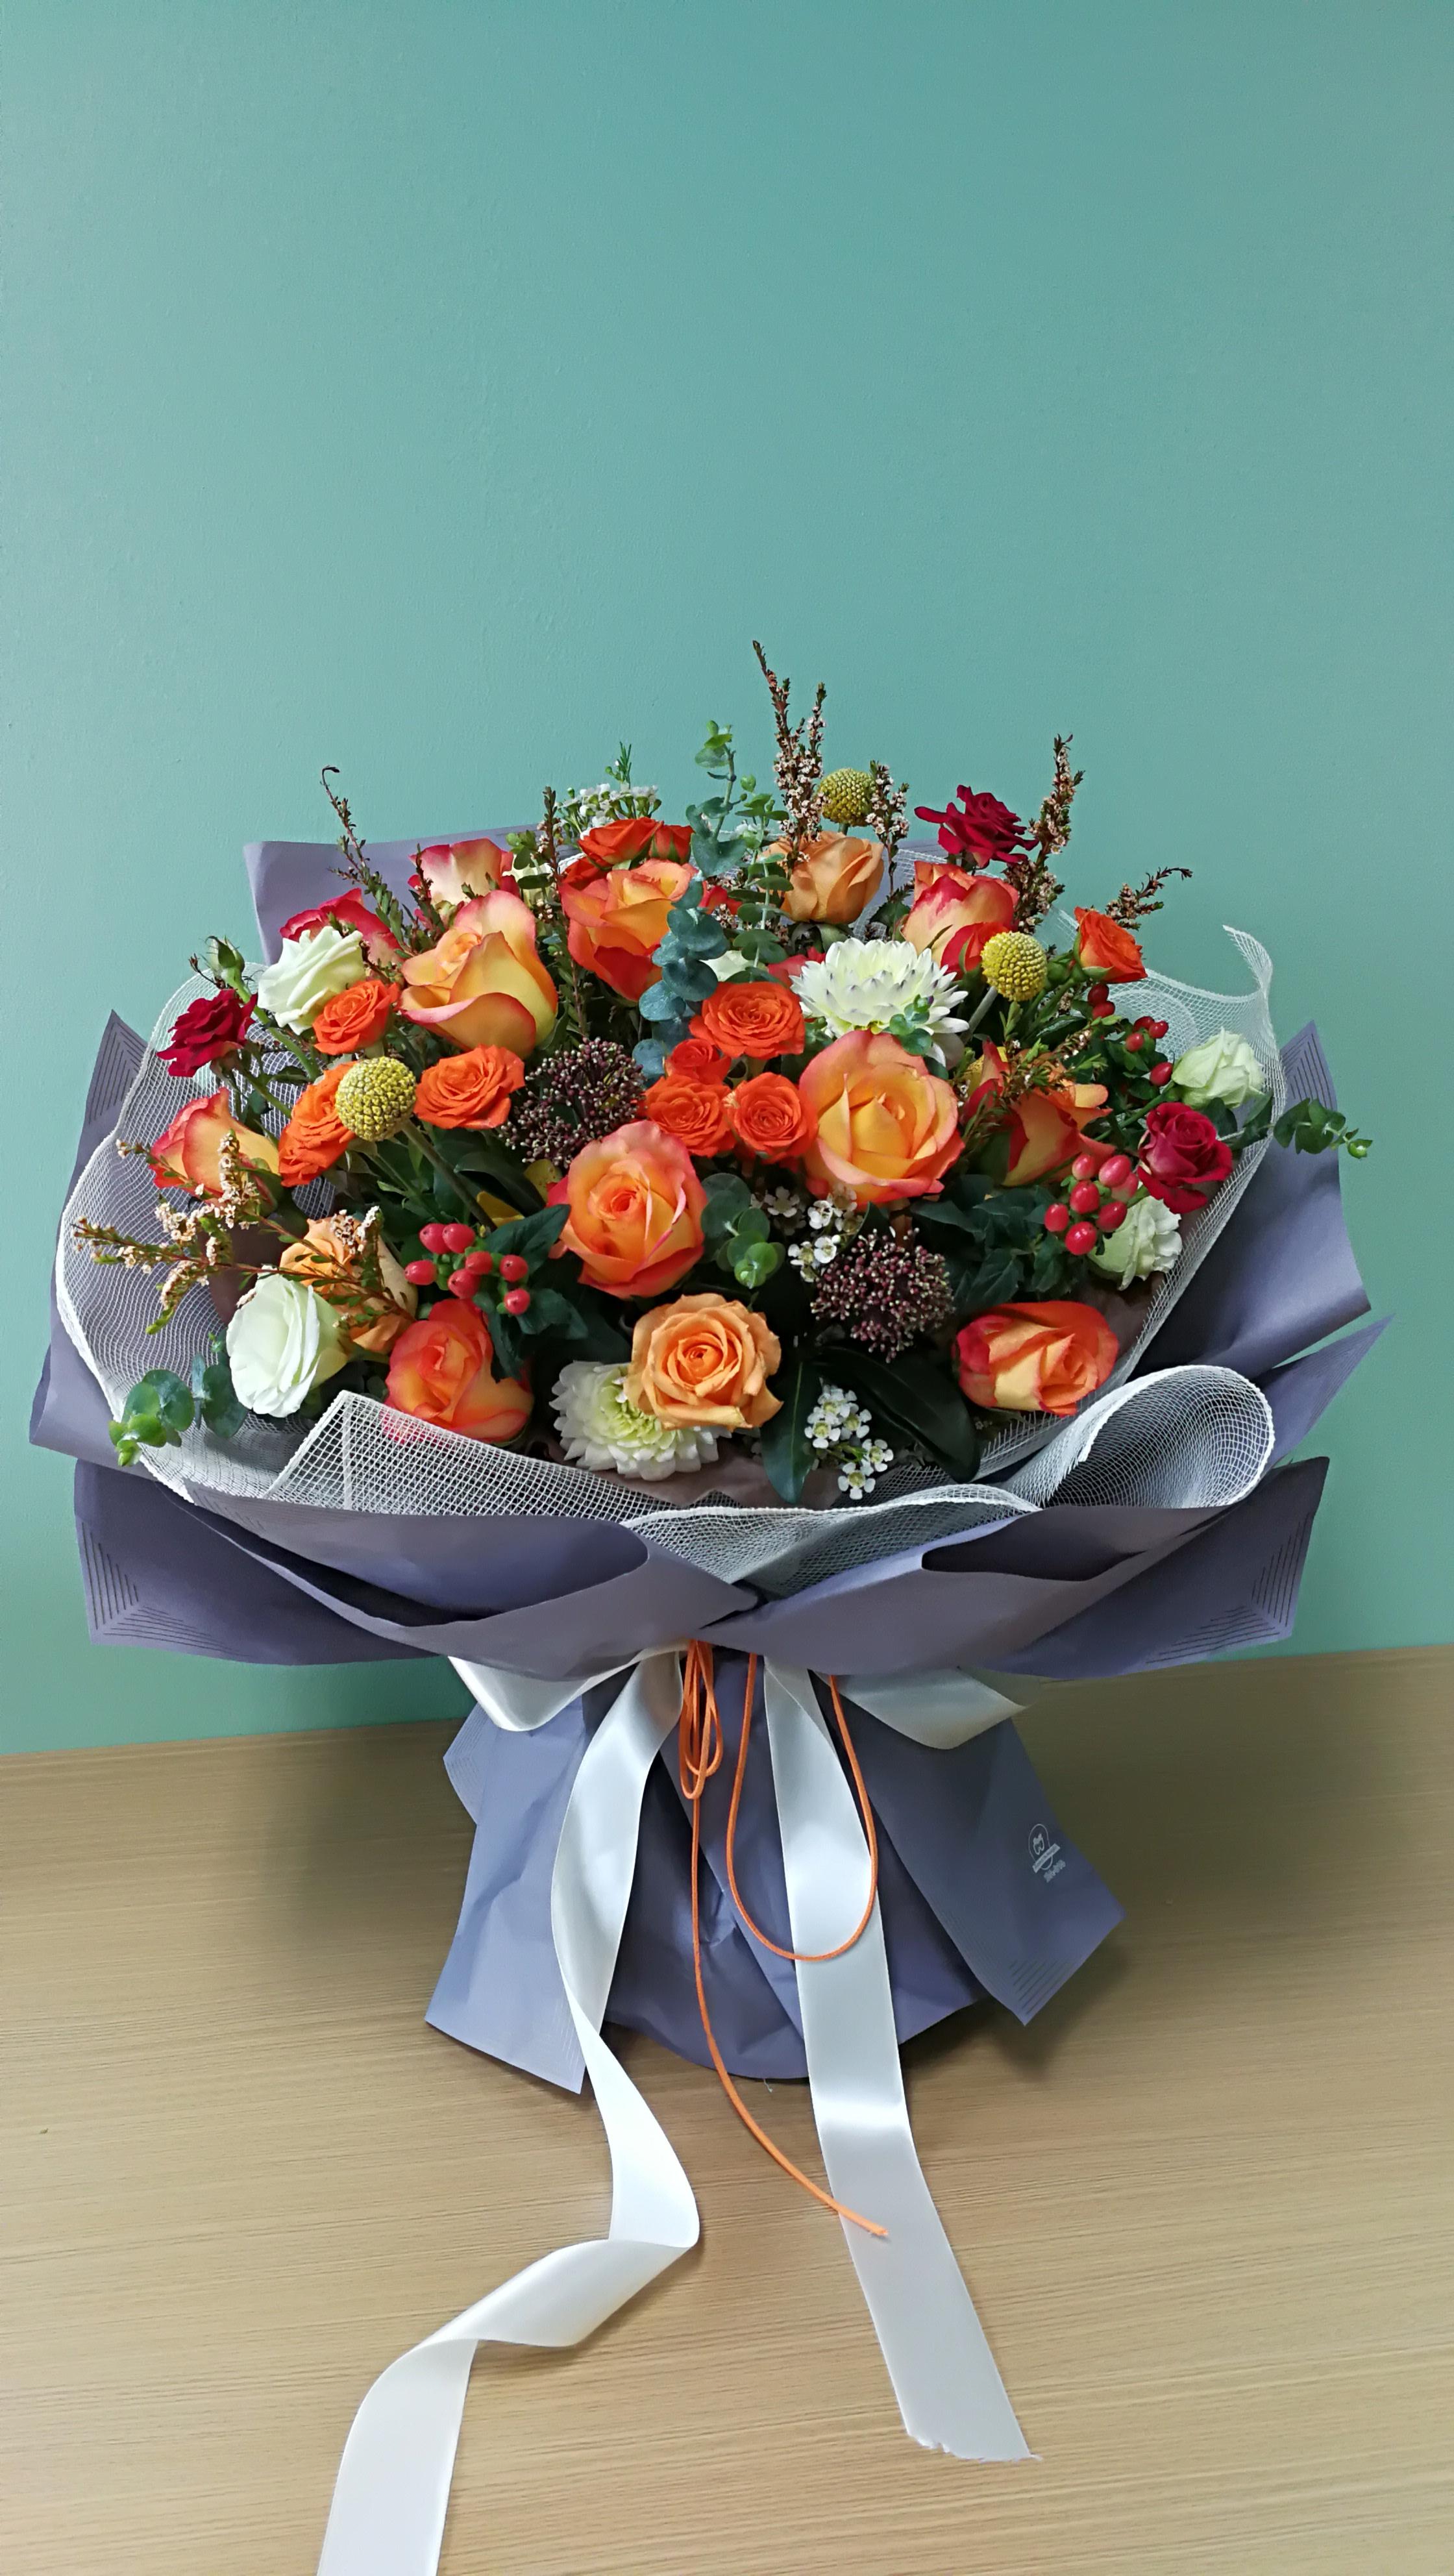 韩式花束#野奈花园#花艺培训#醇美花坊#玫瑰里鲜花